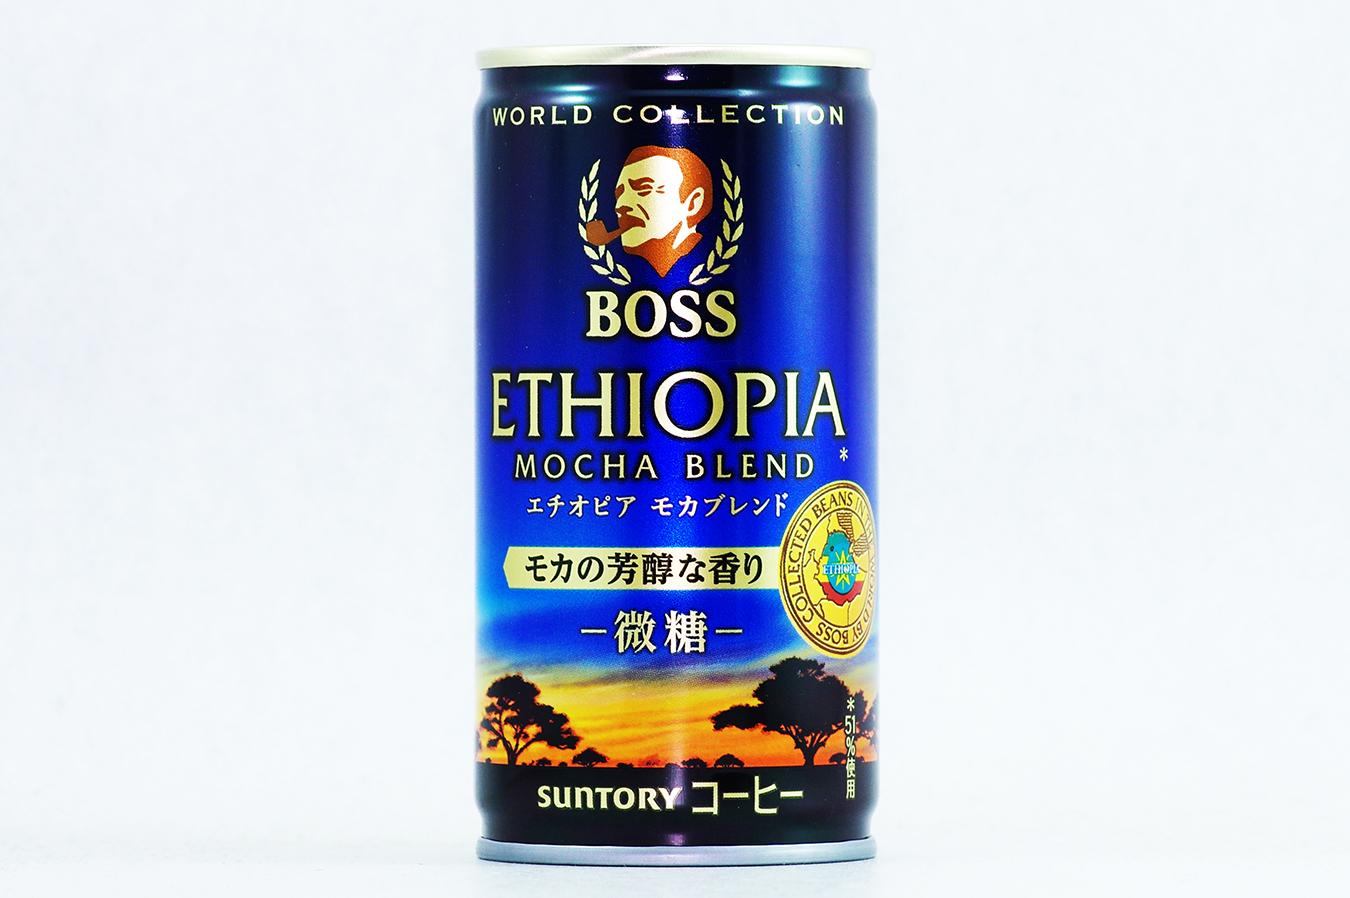 BOSS ワールドコレクション エチオピアモカブレンド 2017年